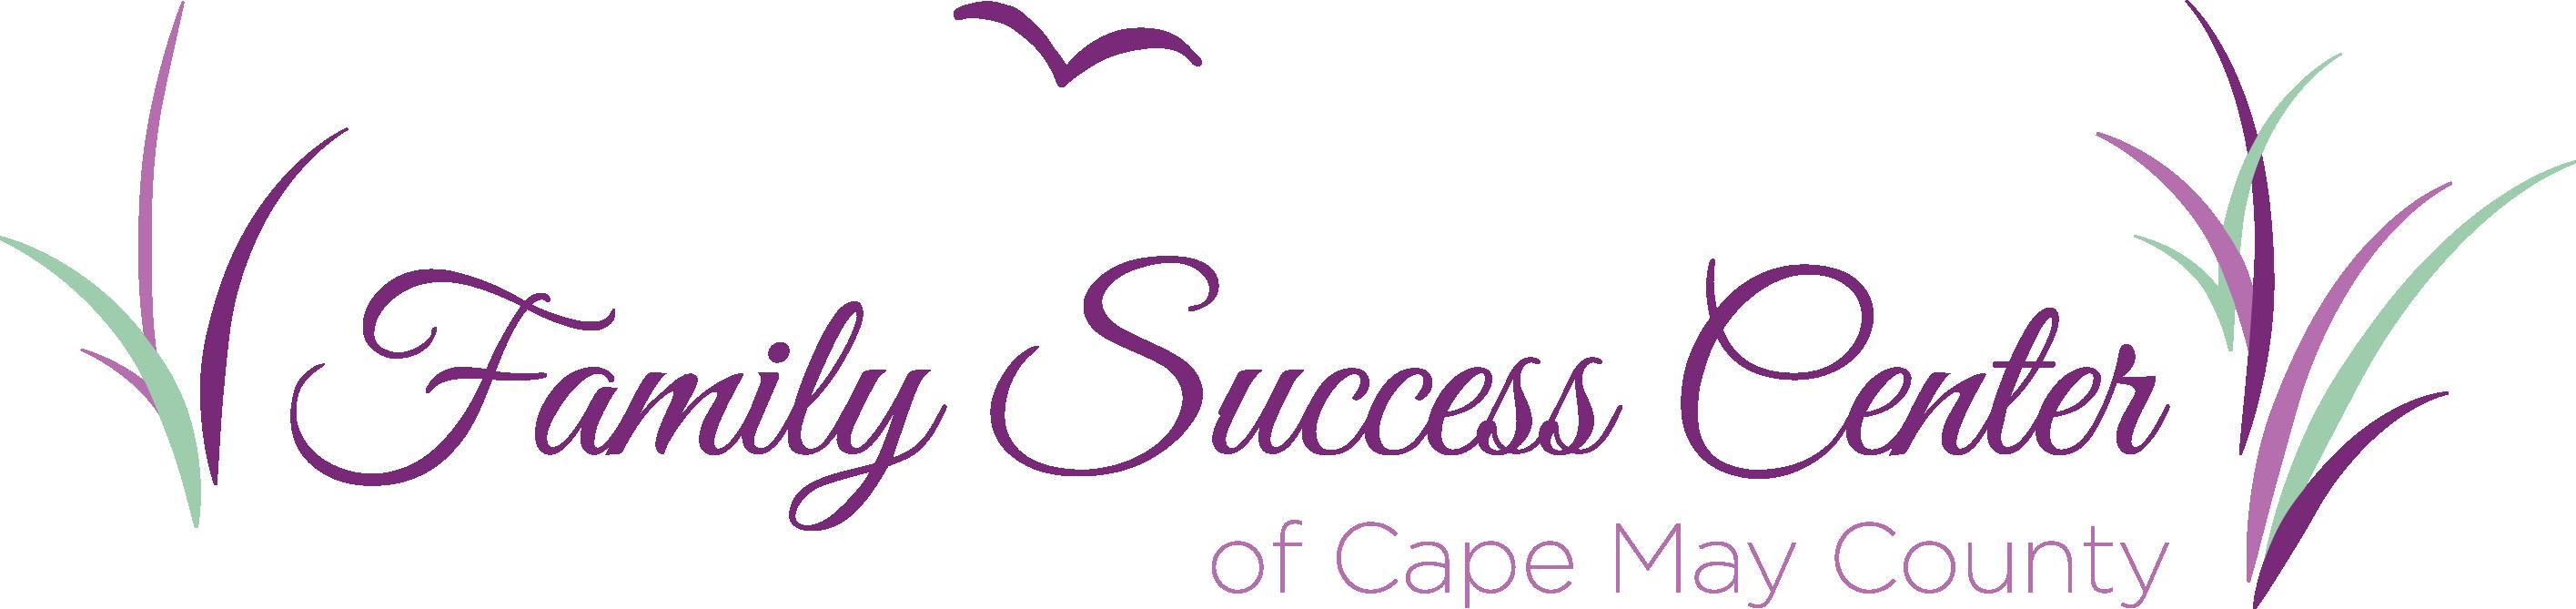 Family Success Center Logo Cape May County NJ New Jersey